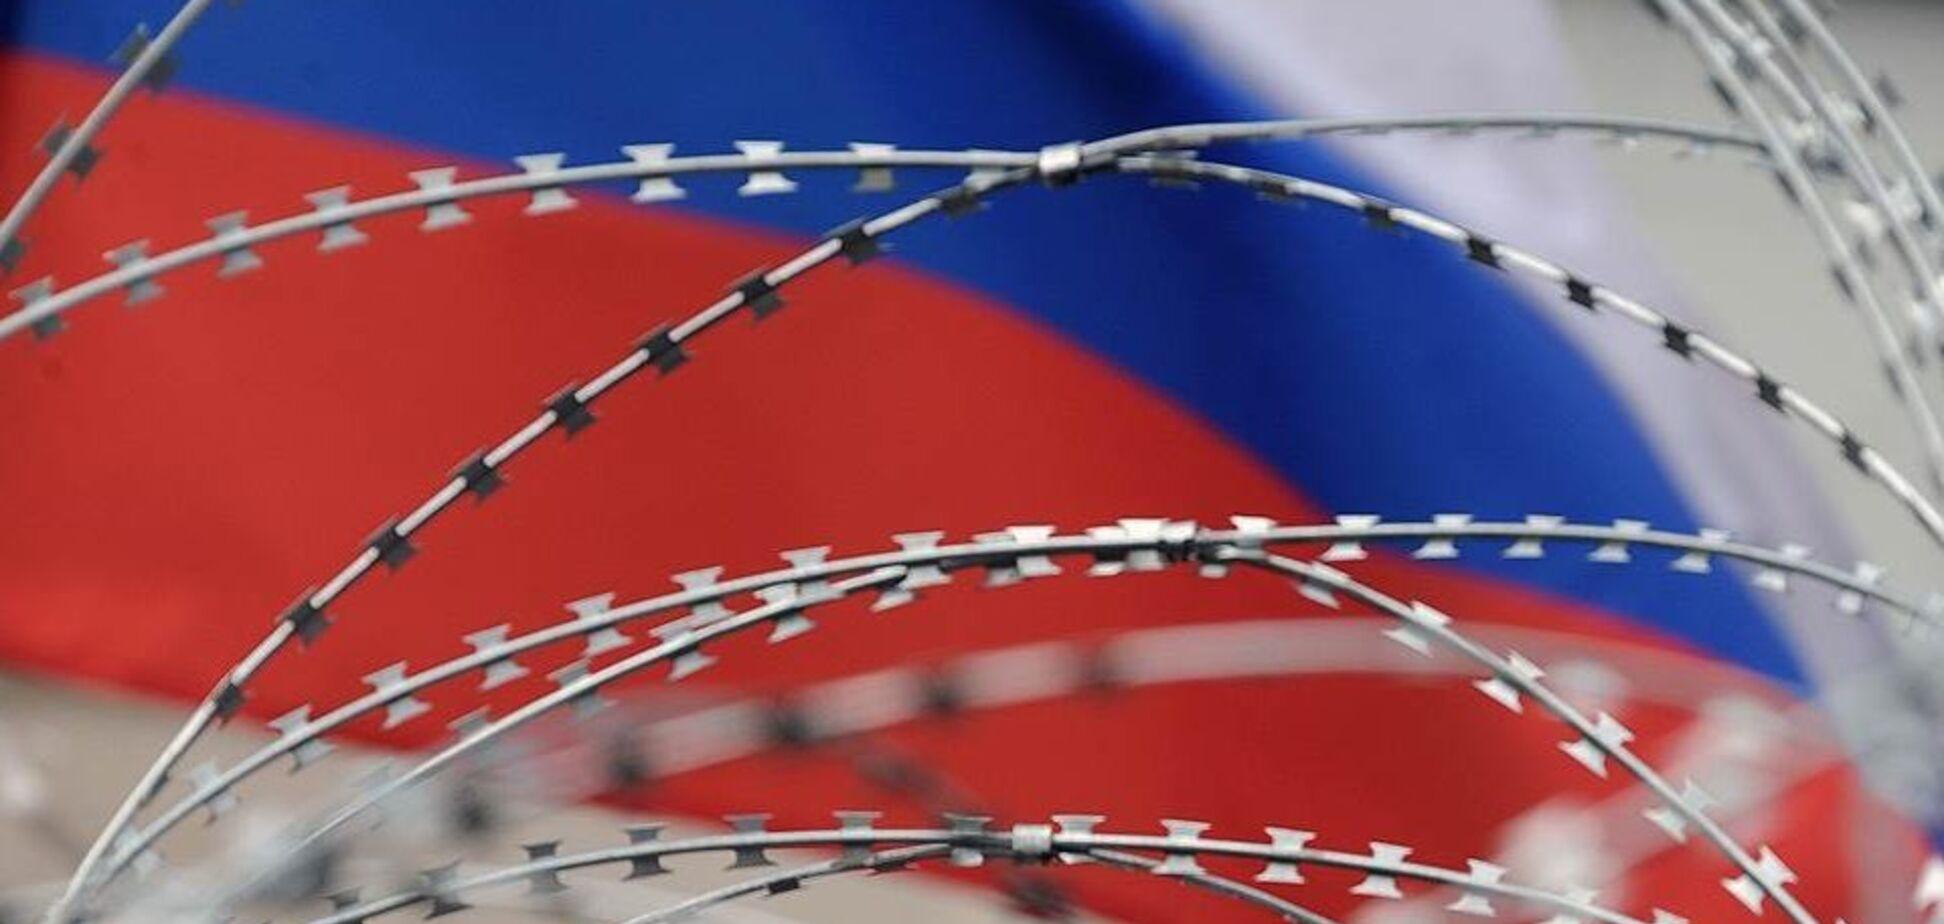 Пострадает каждый второй россиянин: США нанесут сокрушительный удар по экономике РФ